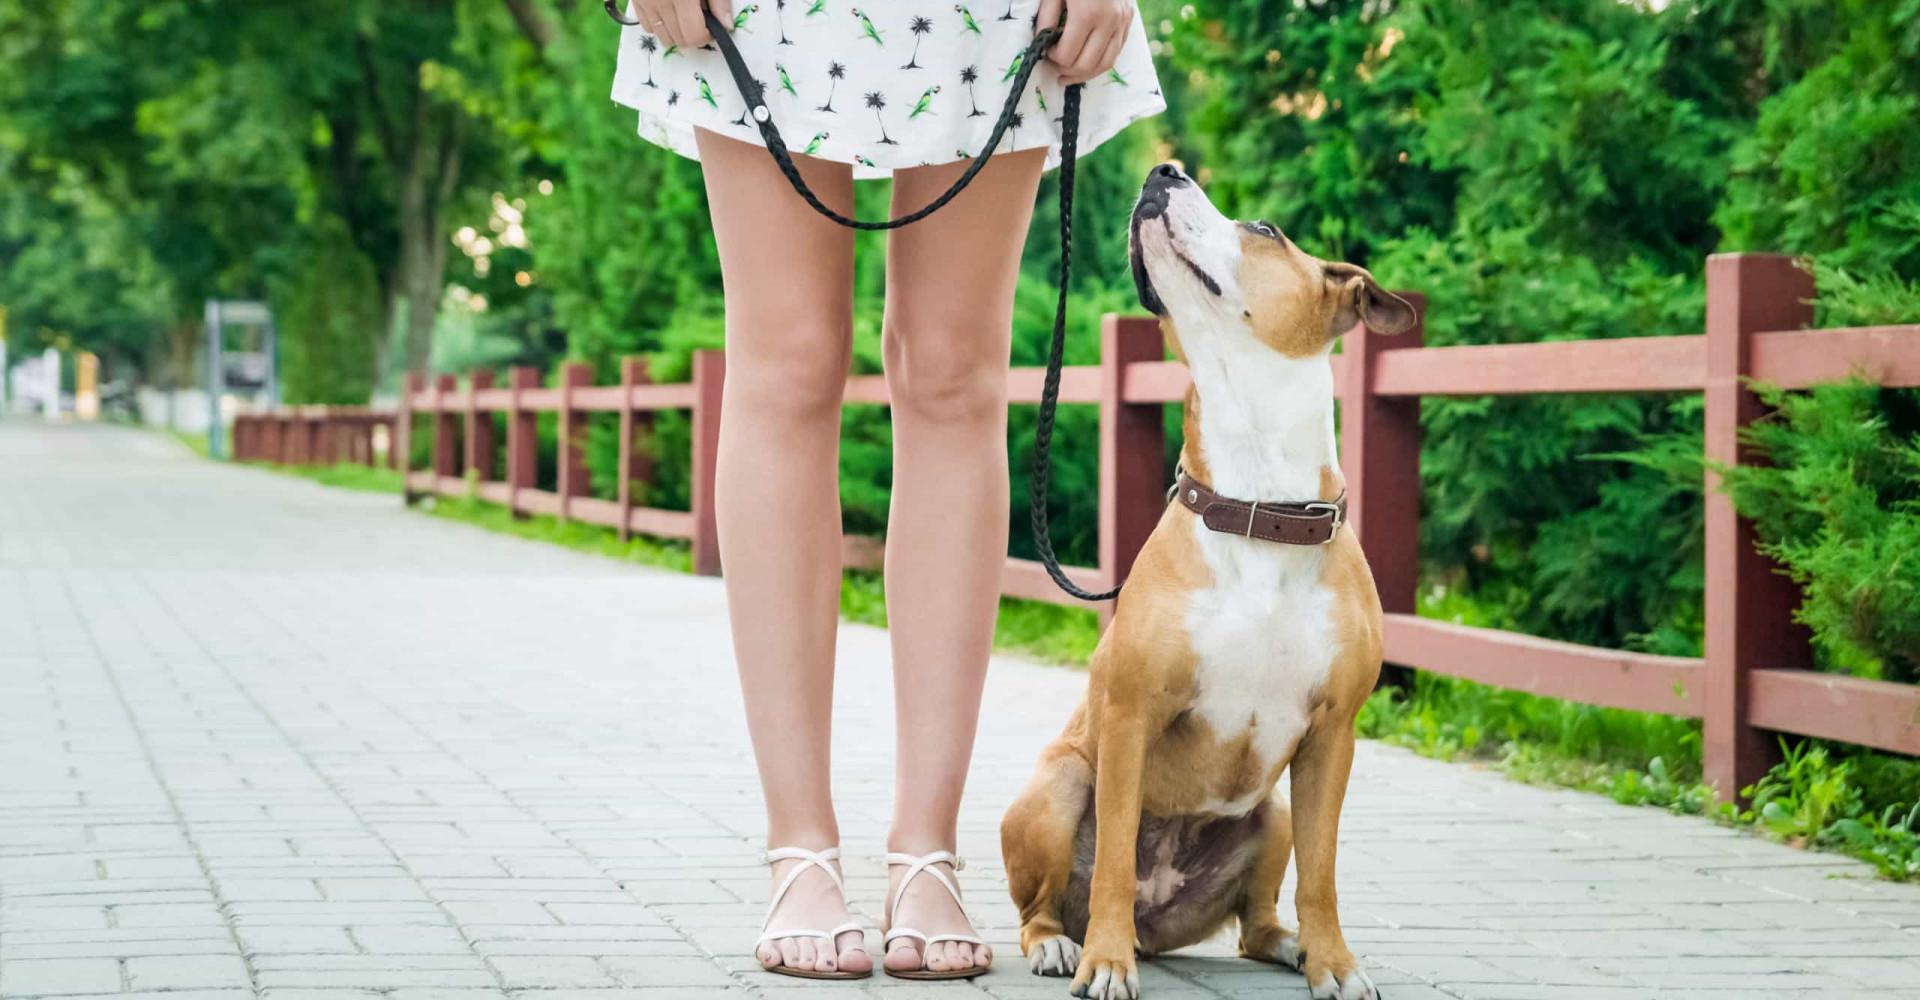 Luisteren honden beter naar vrouwen dan naar mannen?